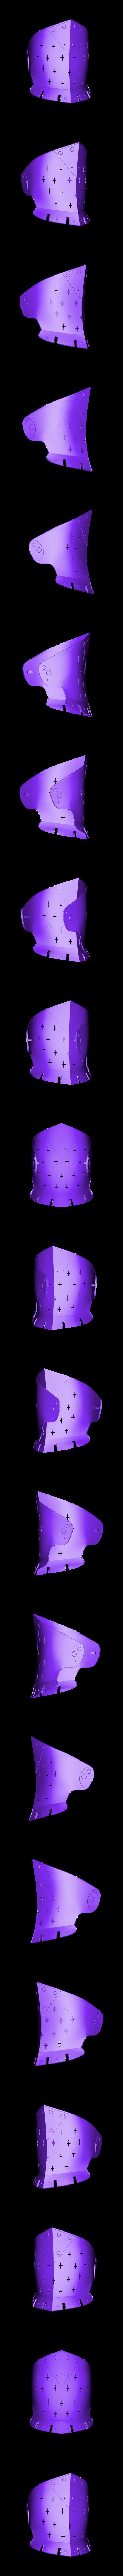 Helm_Mask_v1.stl Télécharger fichier STL gratuit Pour Honor Lawbringer Helm - Chevalier • Objet à imprimer en 3D, VillainousPropShop